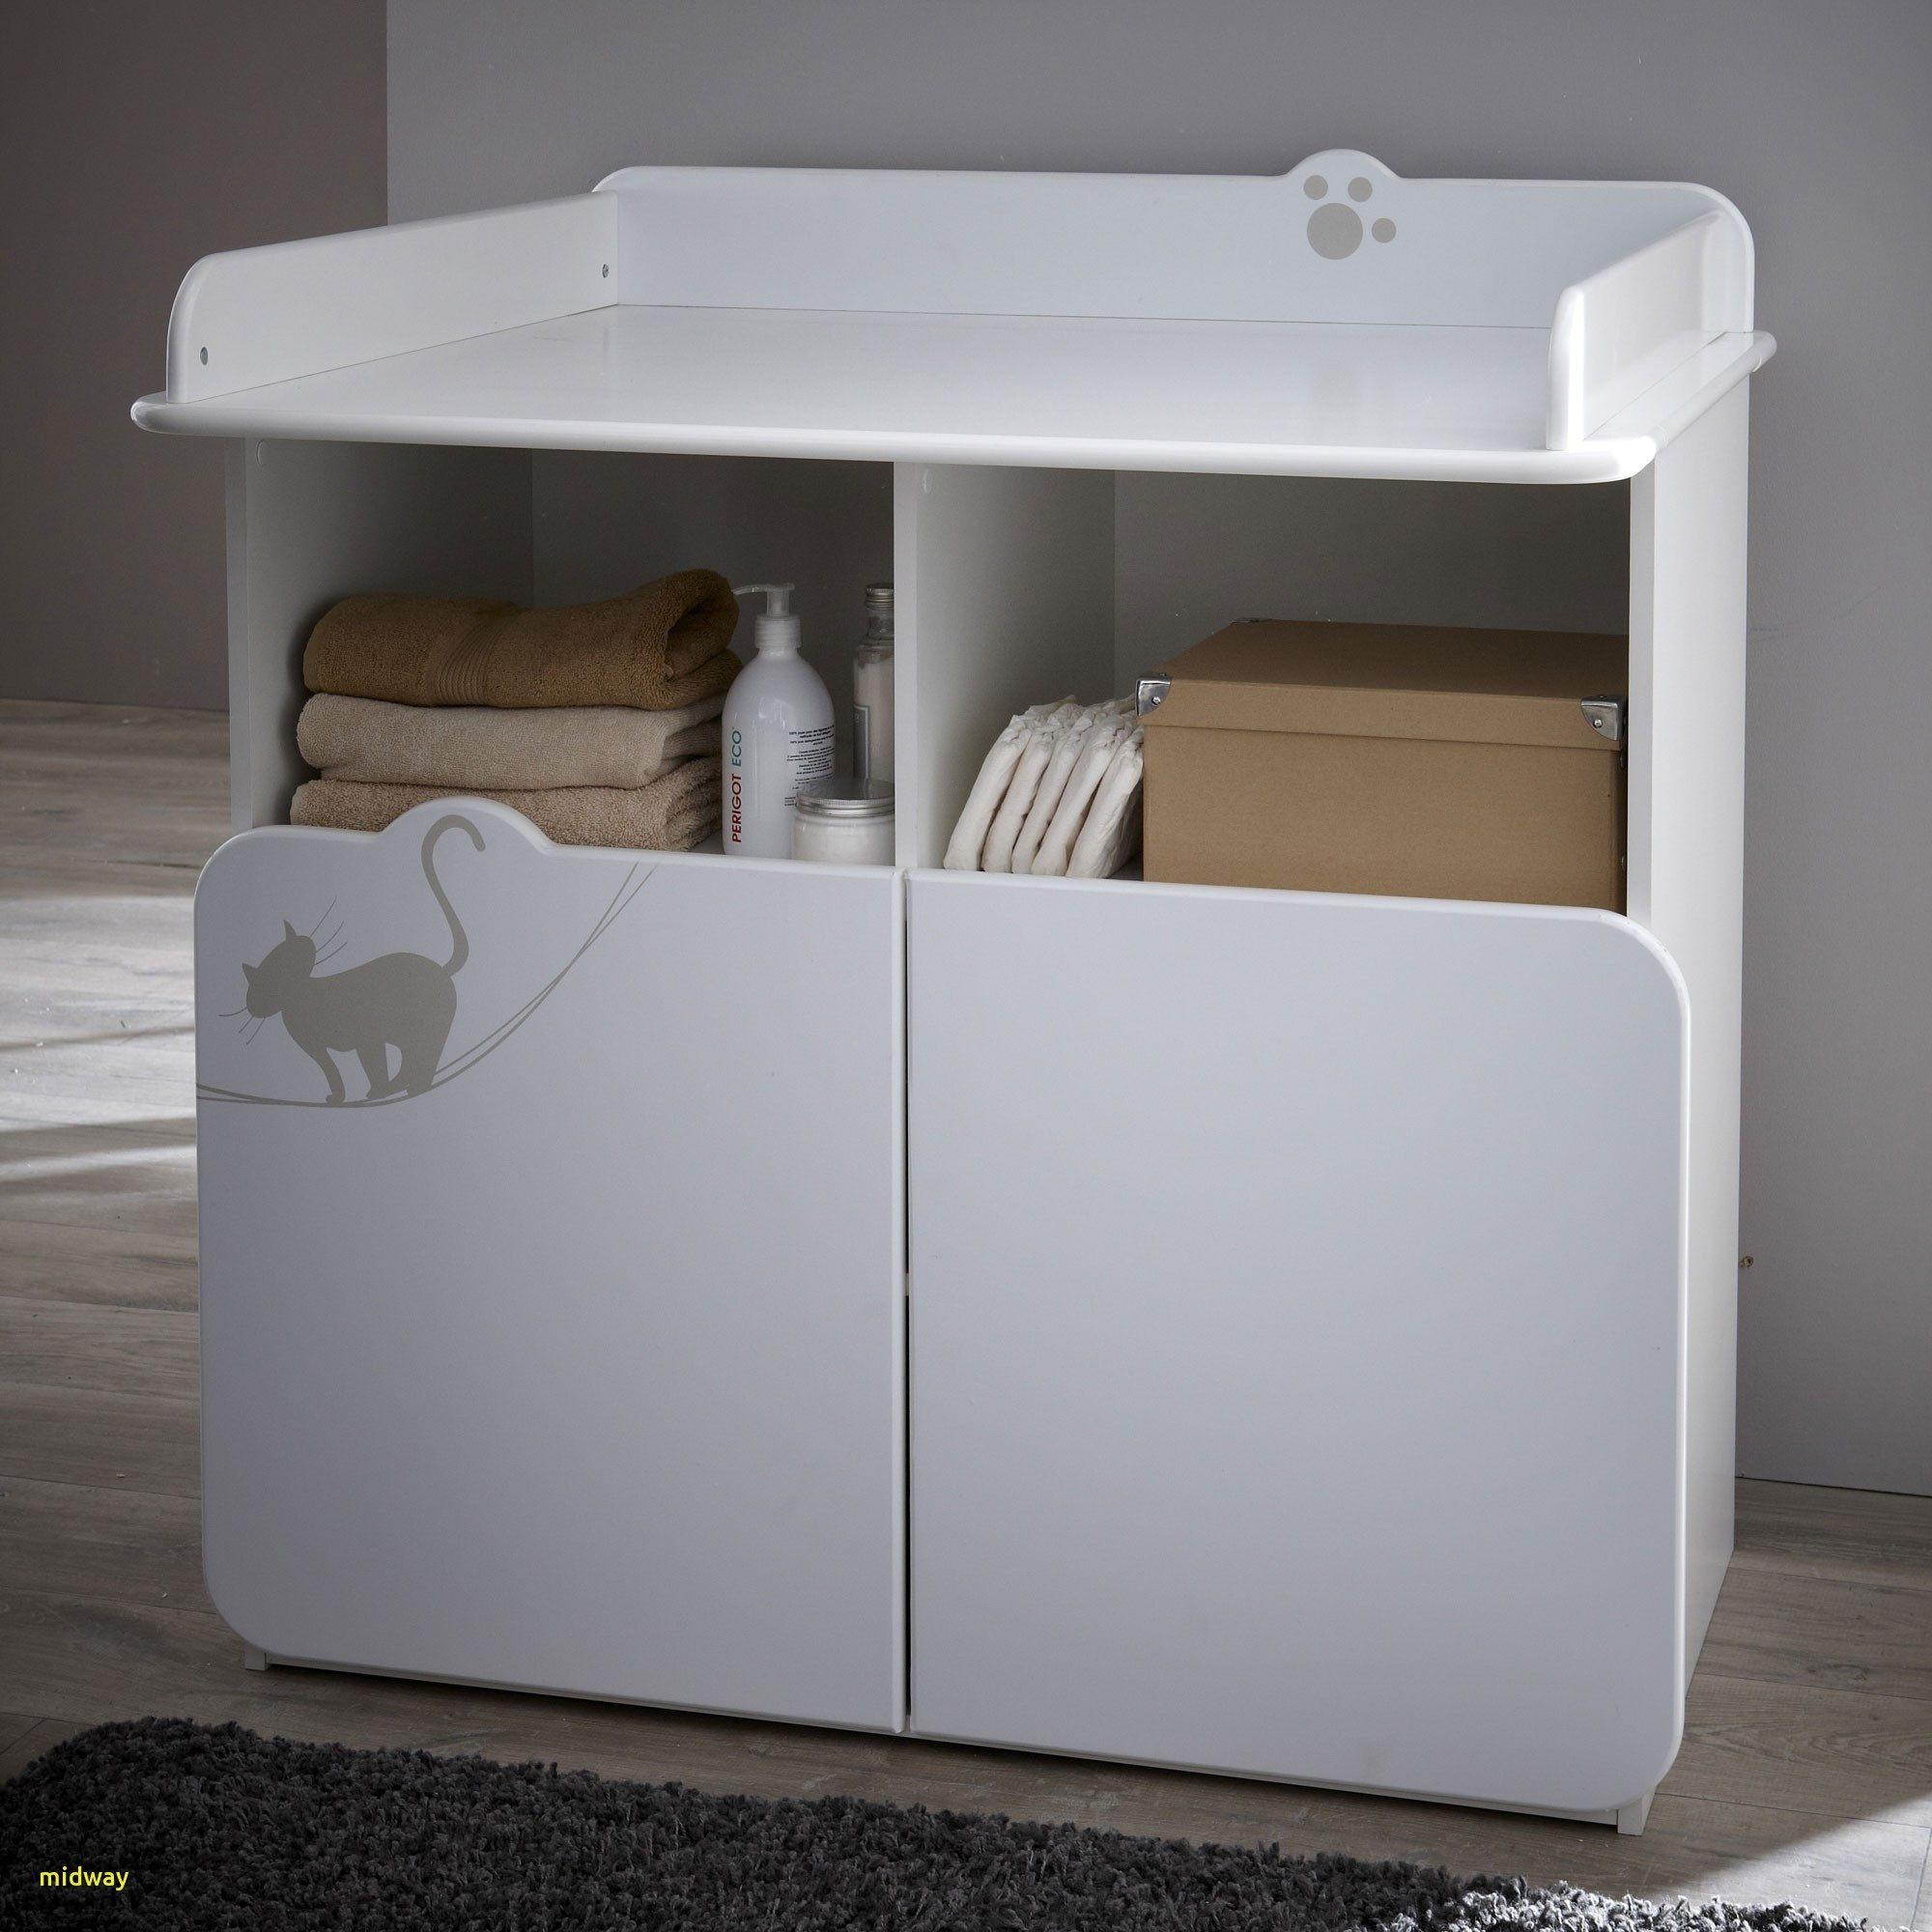 Lit Bébé Scandinave Impressionnant Luxe Baignoire Pliante Bébé Beautiful Lit Bebe Luxe 36 Ikea Best De